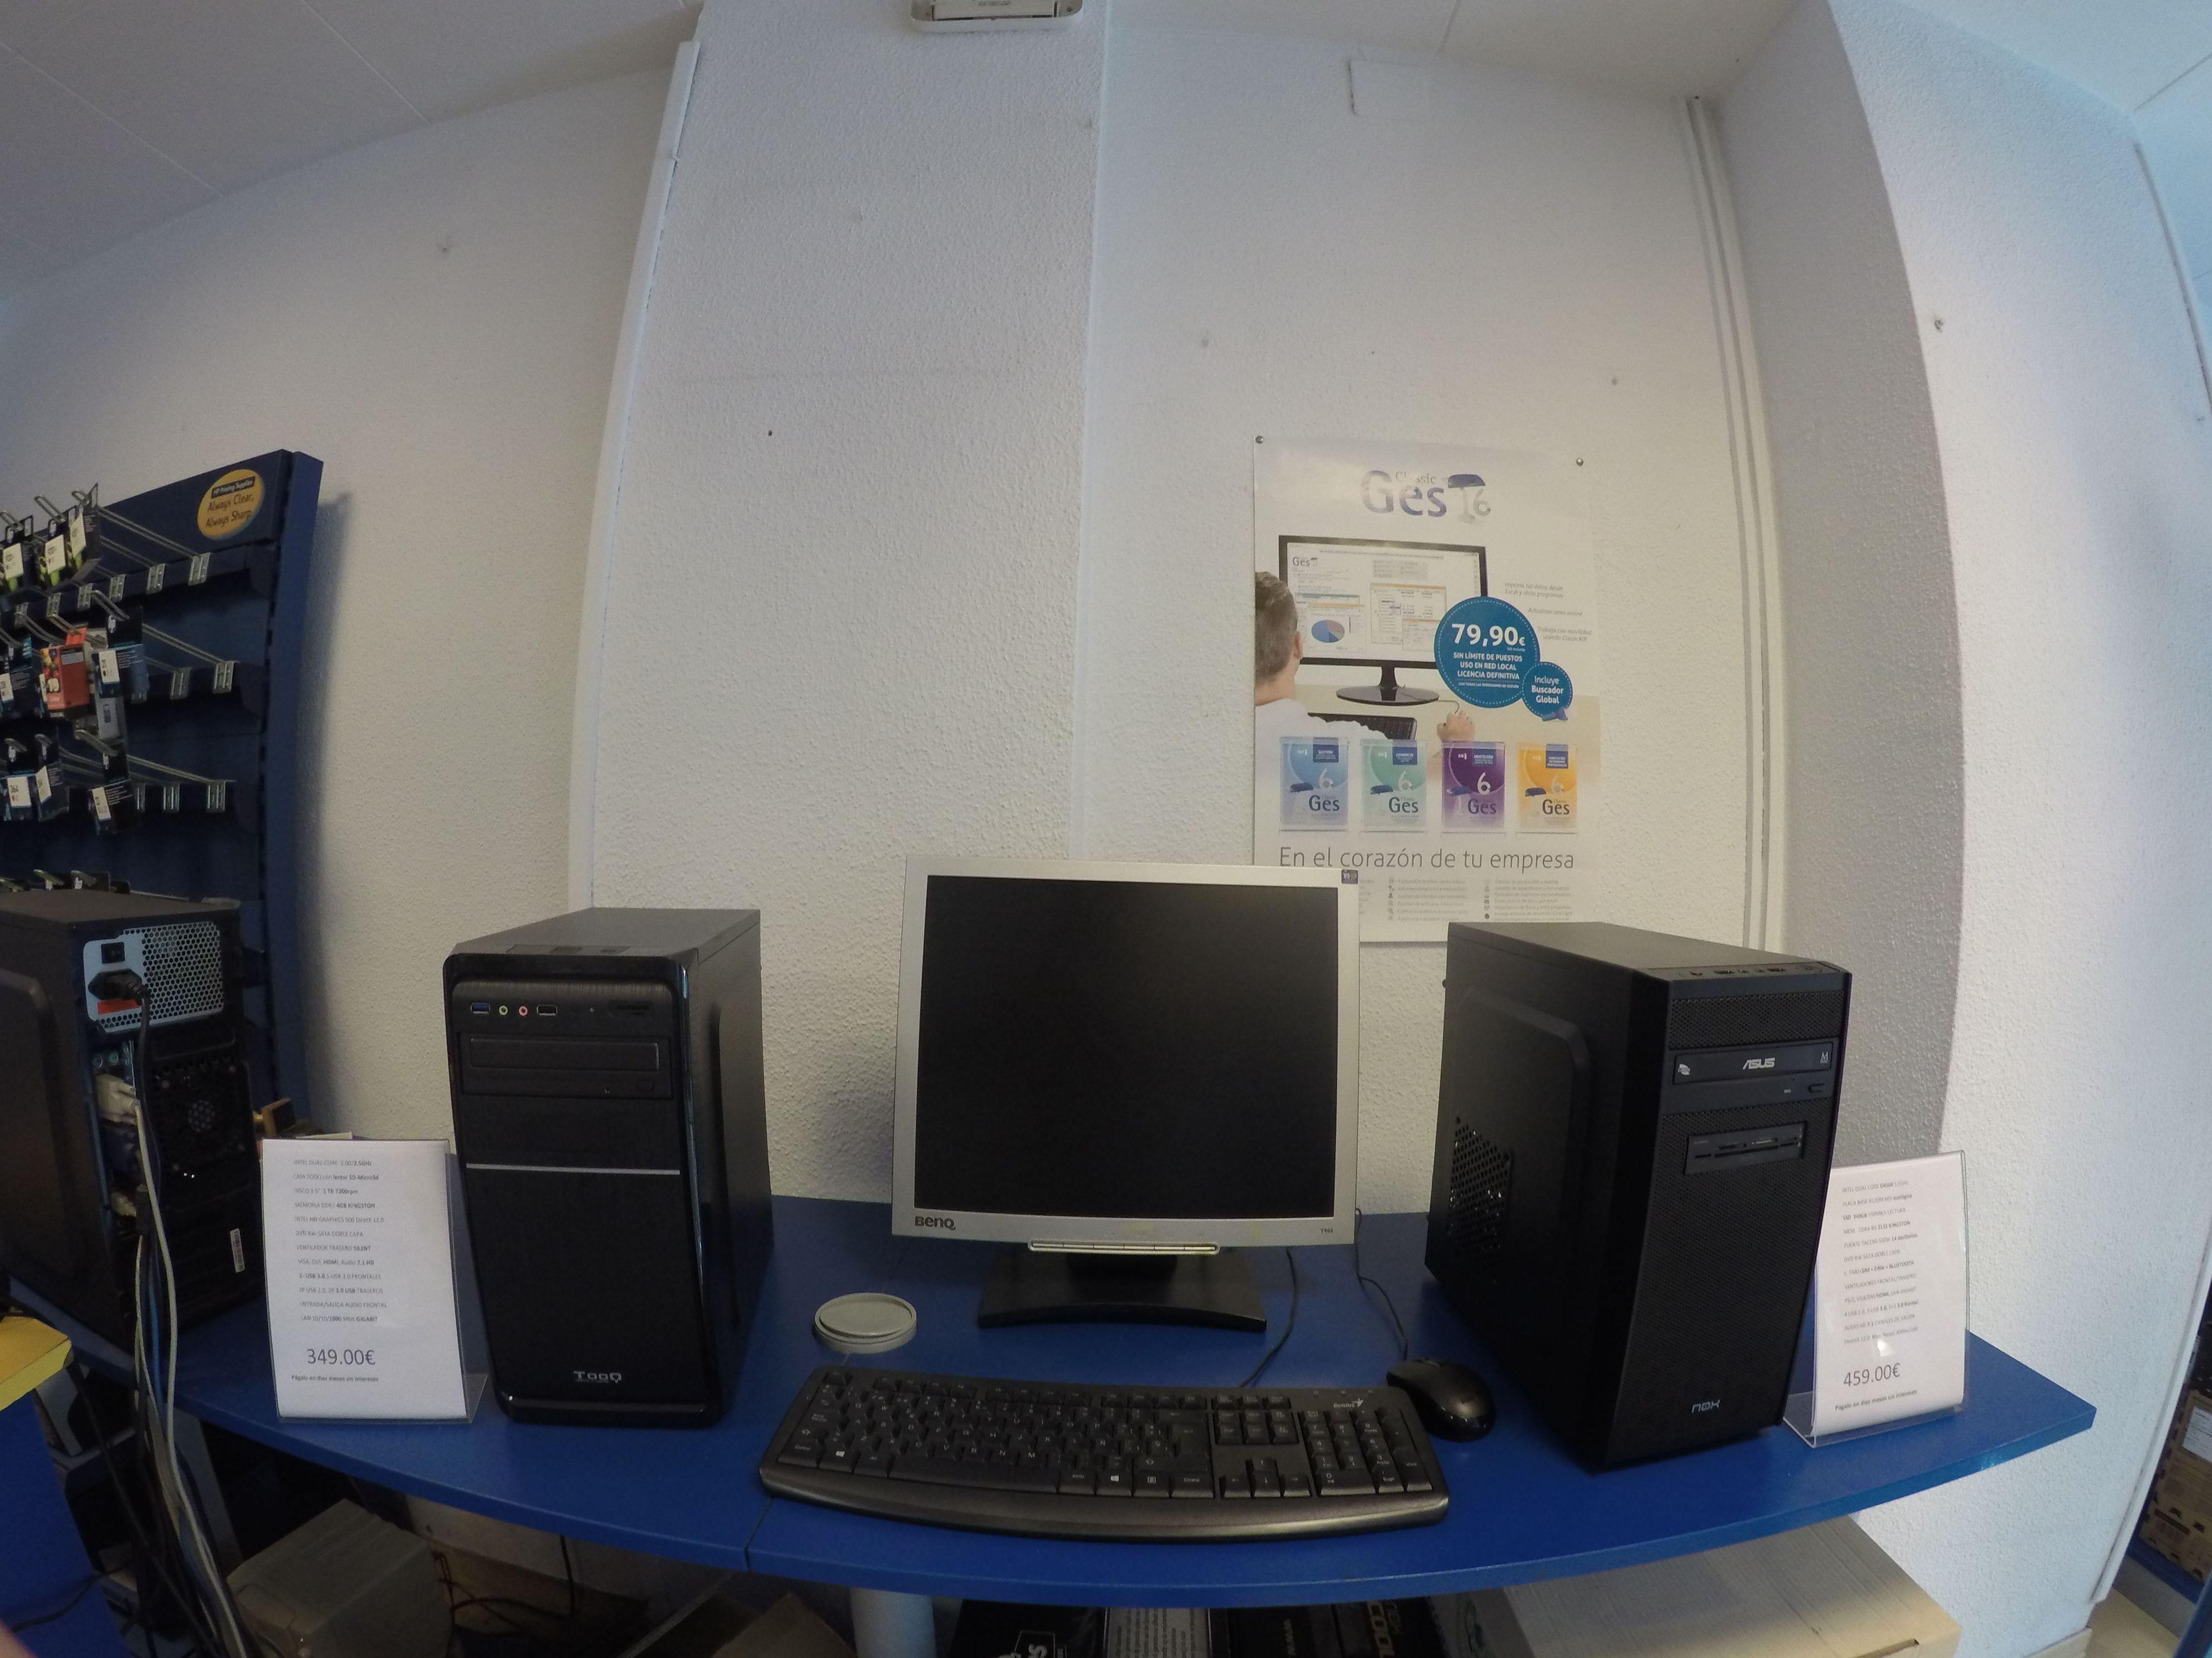 Configuración de ordenadores a medida en Badalona